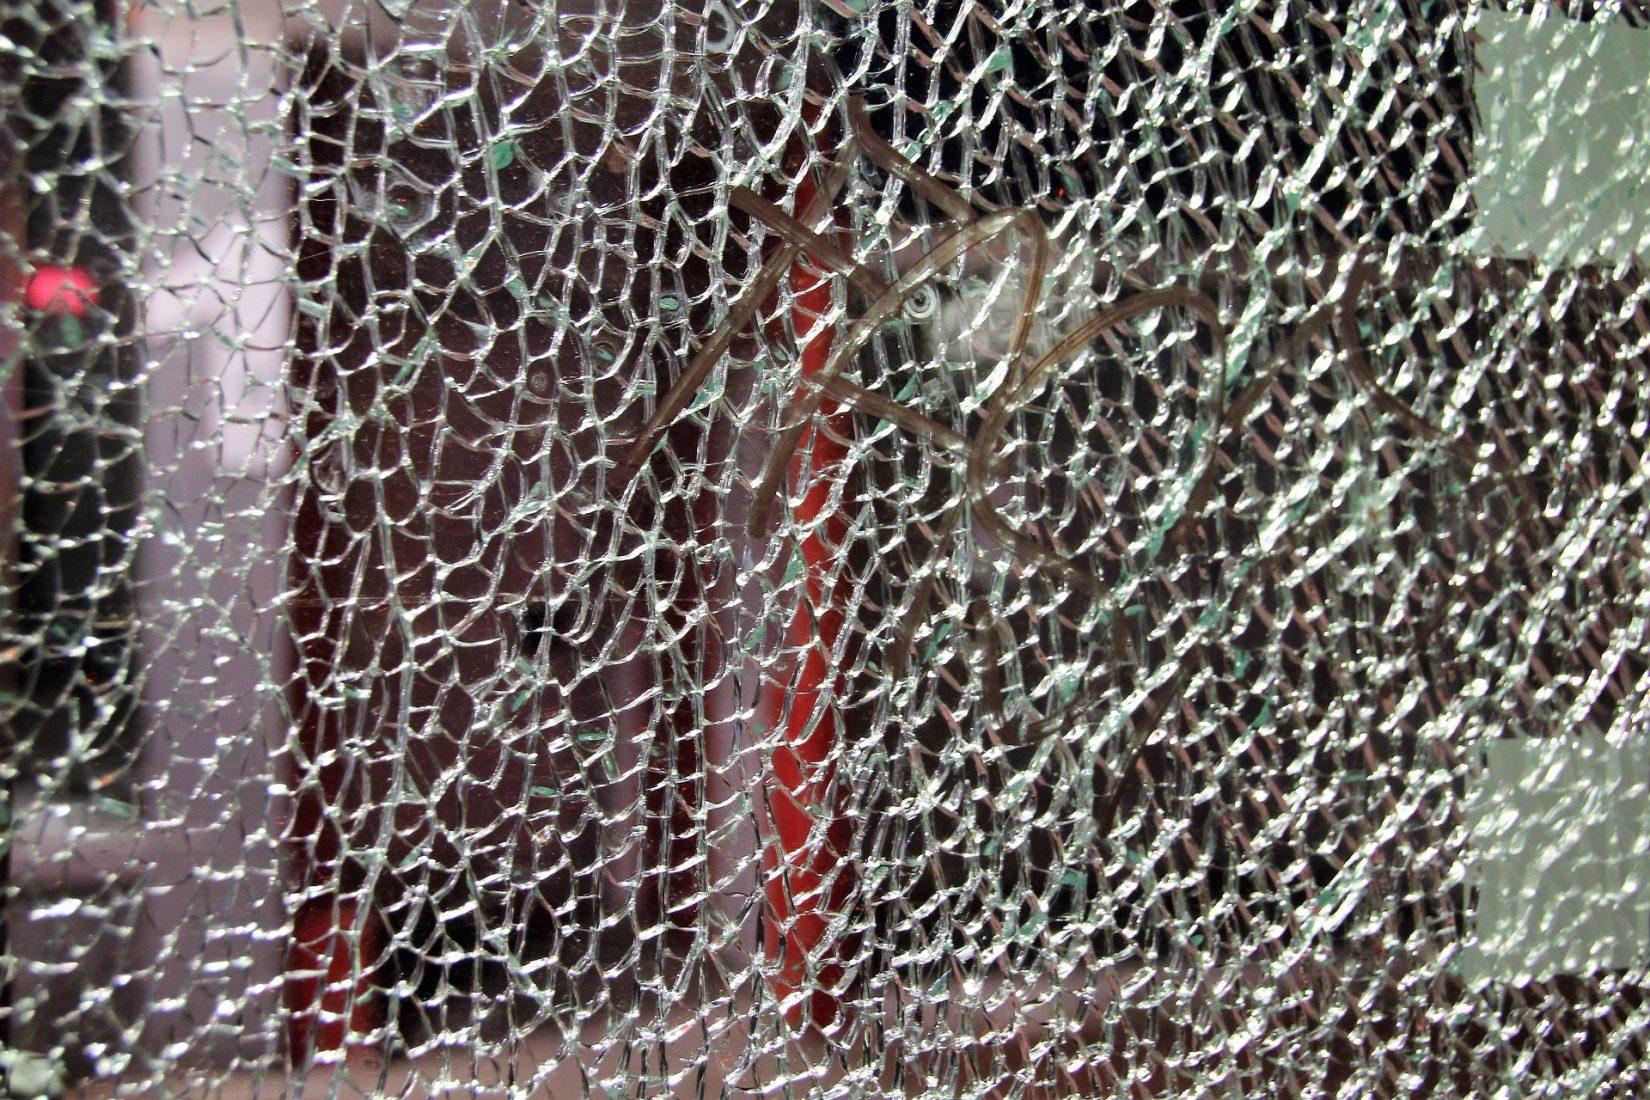 Full Size of Folie Einbruchschutz Fenster Kaufen Was Ist Sicherheitsglas Einbau Sicherheitsfolie Fliegennetz Mit Rolladen Stange Austauschen Hannover Alarmanlagen Für Und Fenster Einbruchschutz Fenster Folie